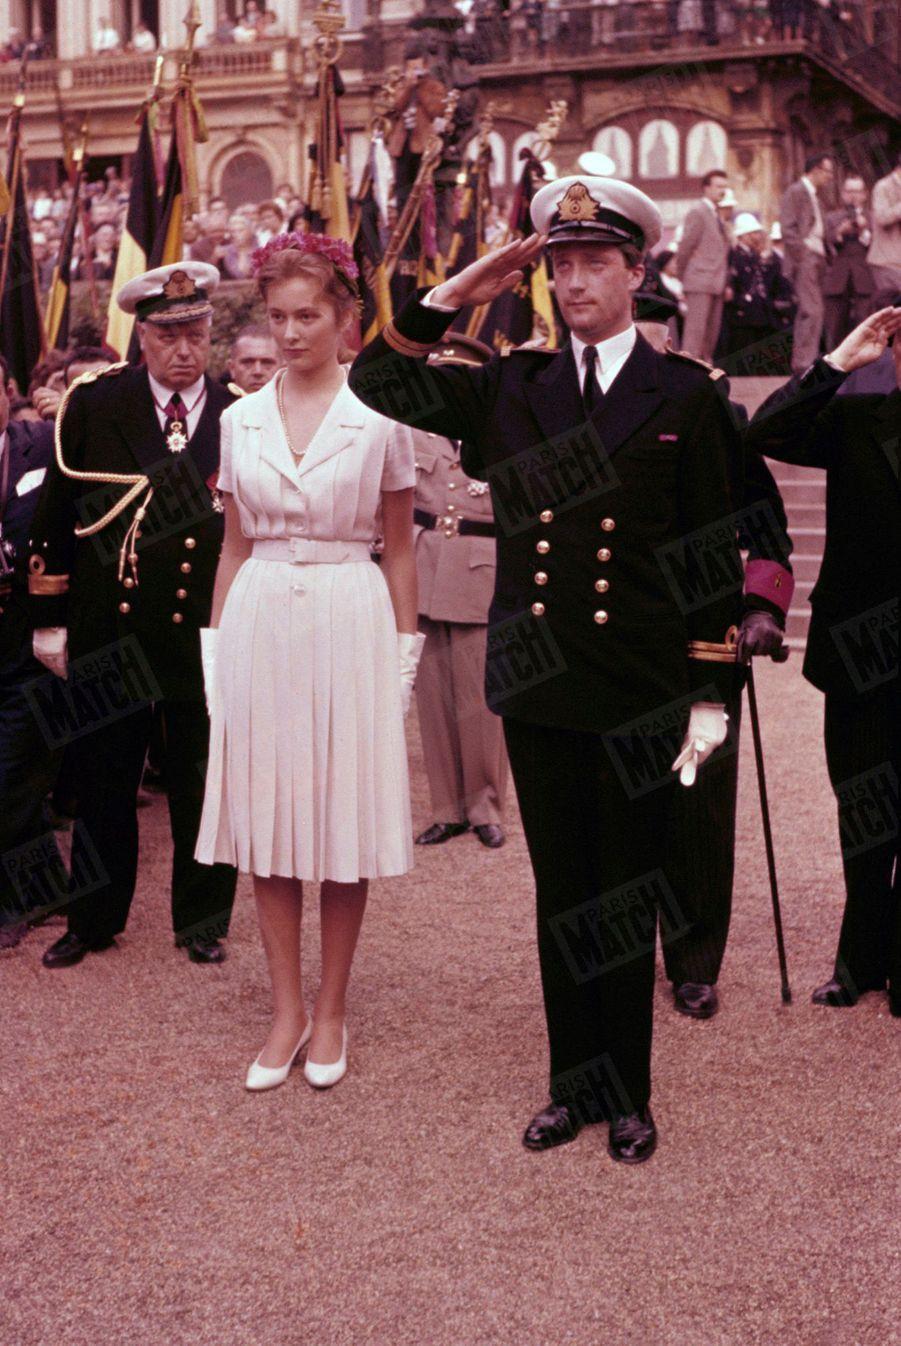 Le Prince Albert et sa fiancée Paola lors de leur «joyeuse entrée» à Bruxelles, le 7 juin 1959.